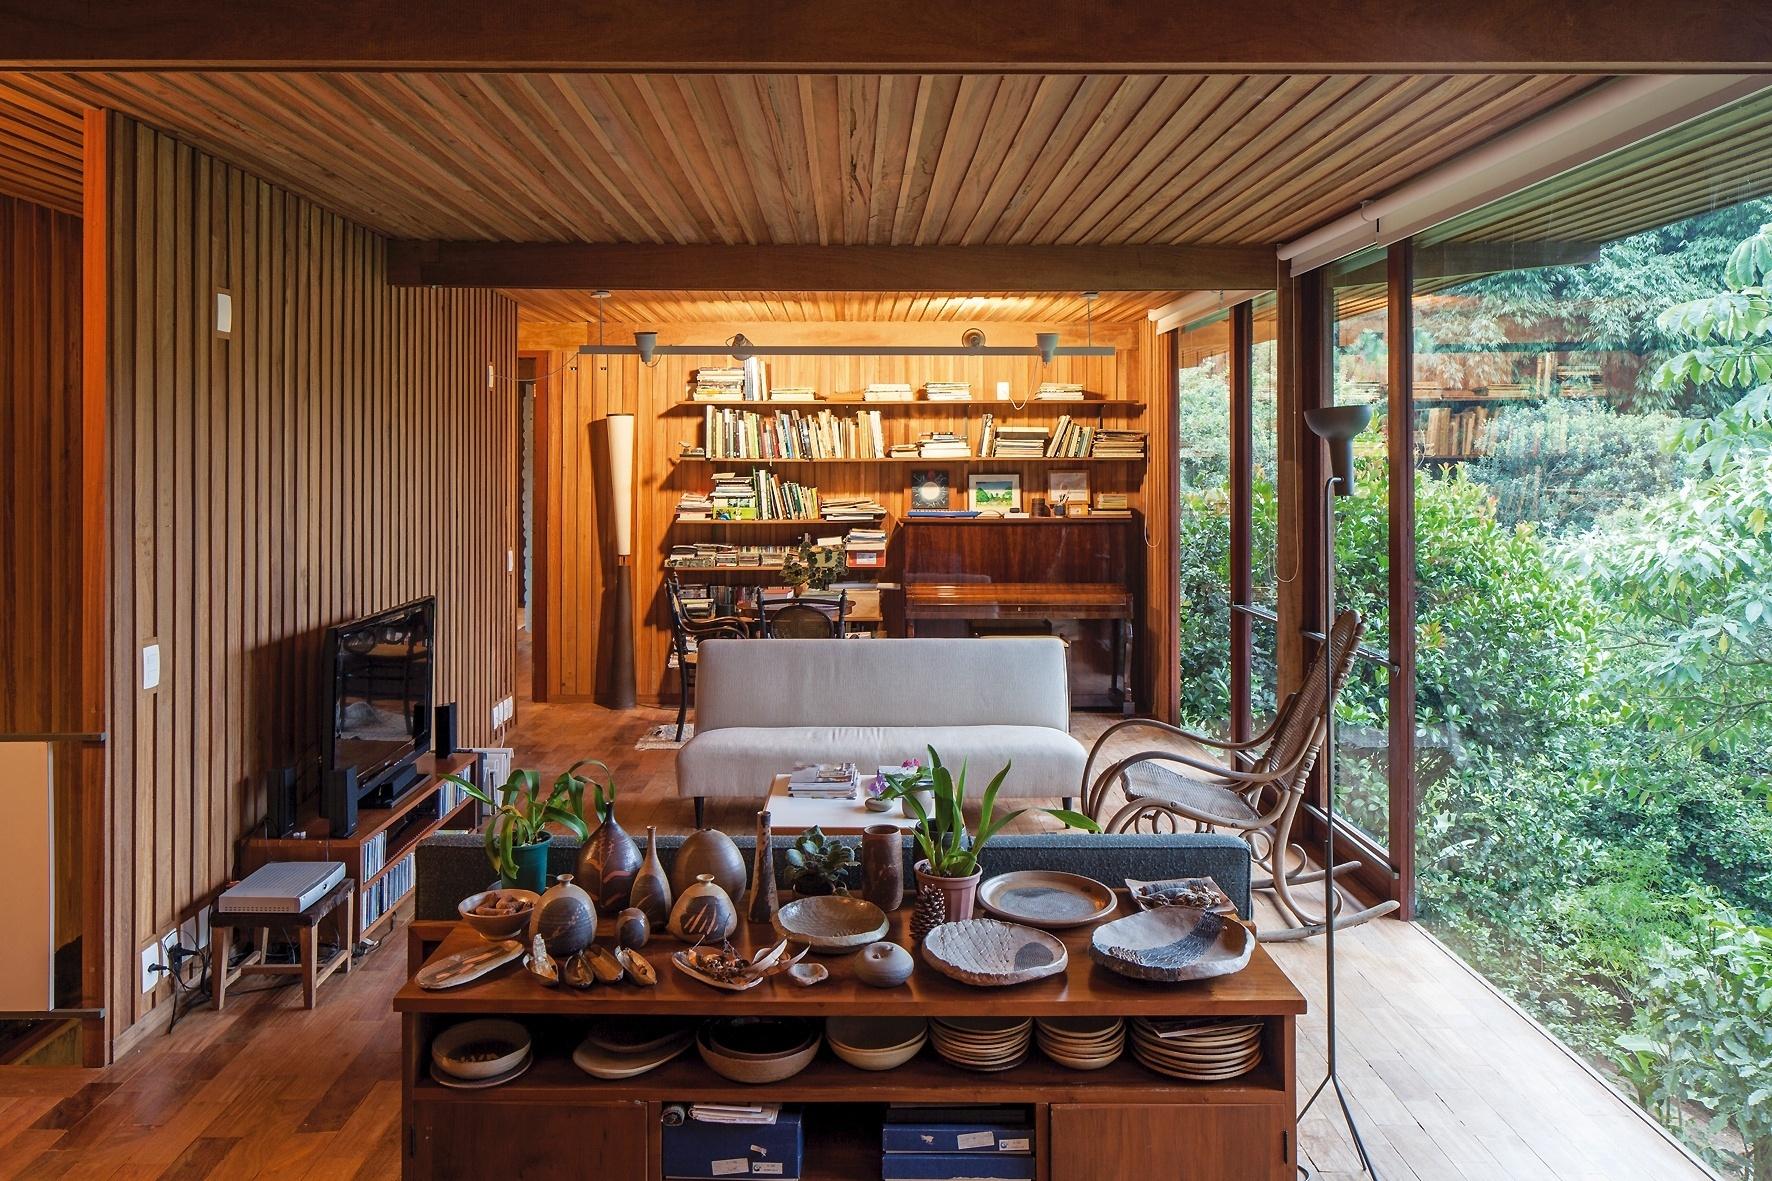 A madeira cumaru, que forma toda a estrutura da casa, também compõe a decoração do living. O material está em bancadas, bufês, estantes e aparadores. Localizada em Carapicuíba (SP), a Casa Vila Taguaí foi projetada pelos profissionais Cristina Xavier e Hélio Olga